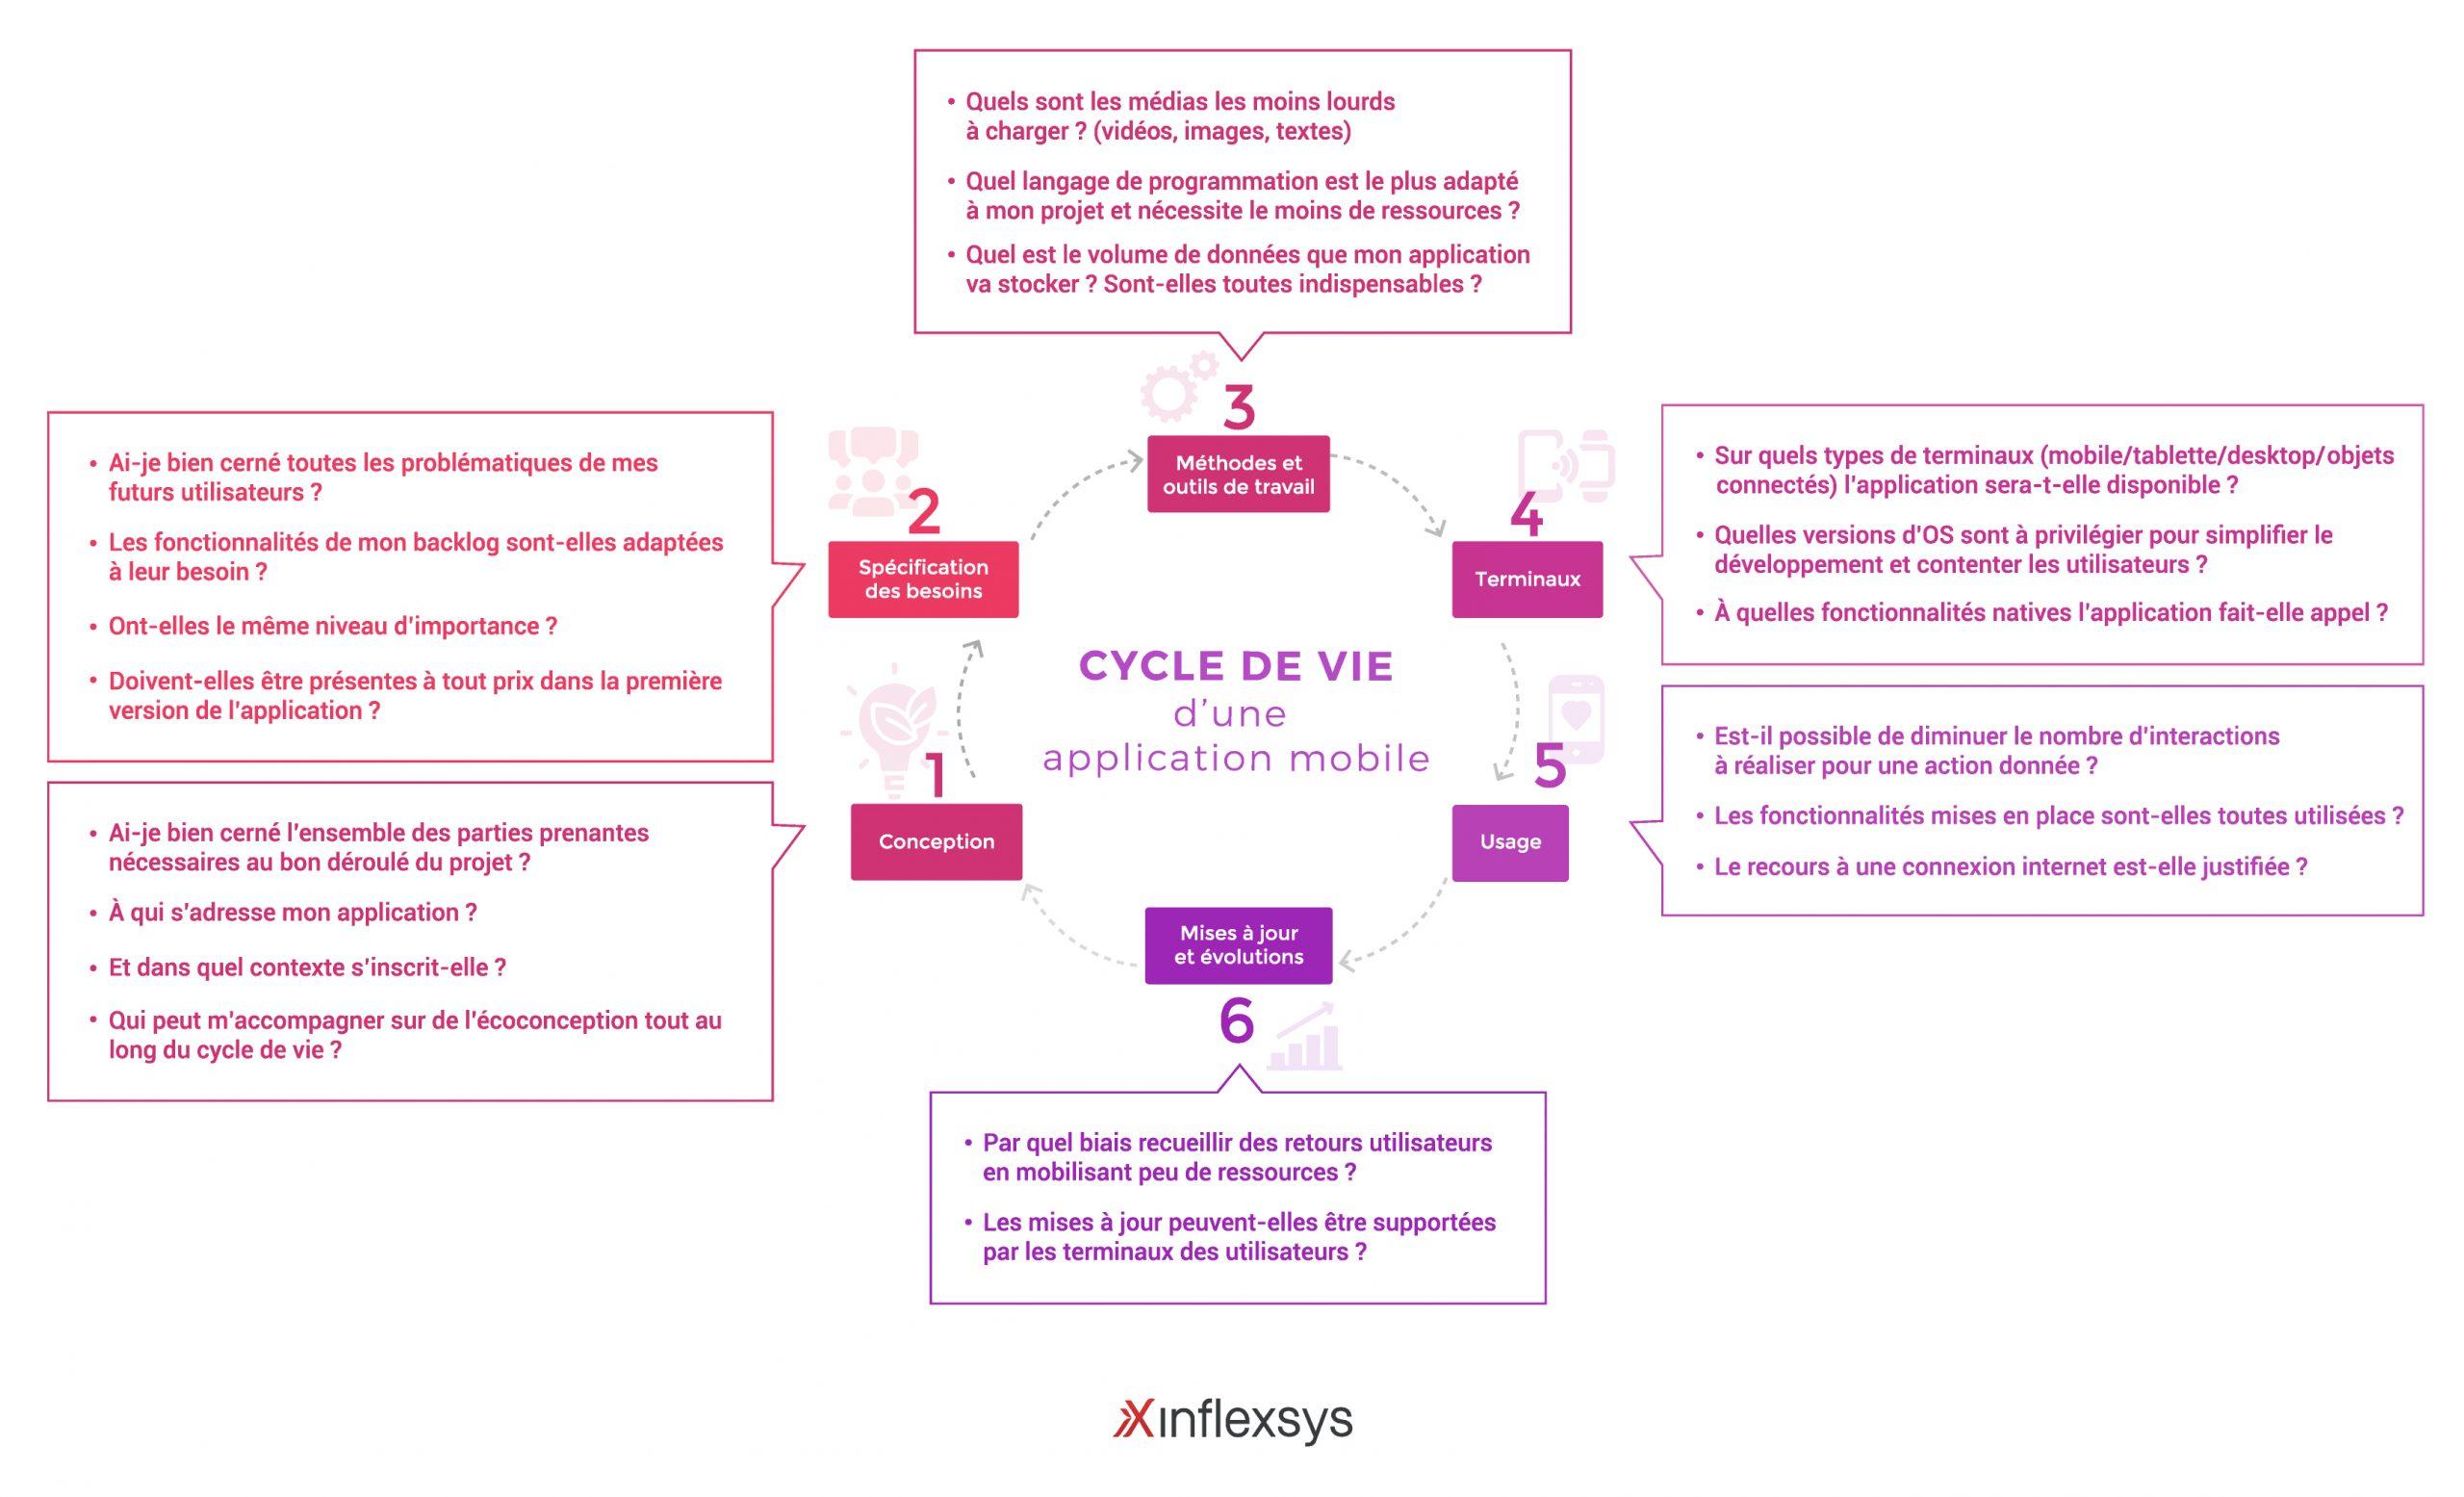 InfleXsys Conception numérique et responsable : oui, c'est possible ! cycle de vie application mobile